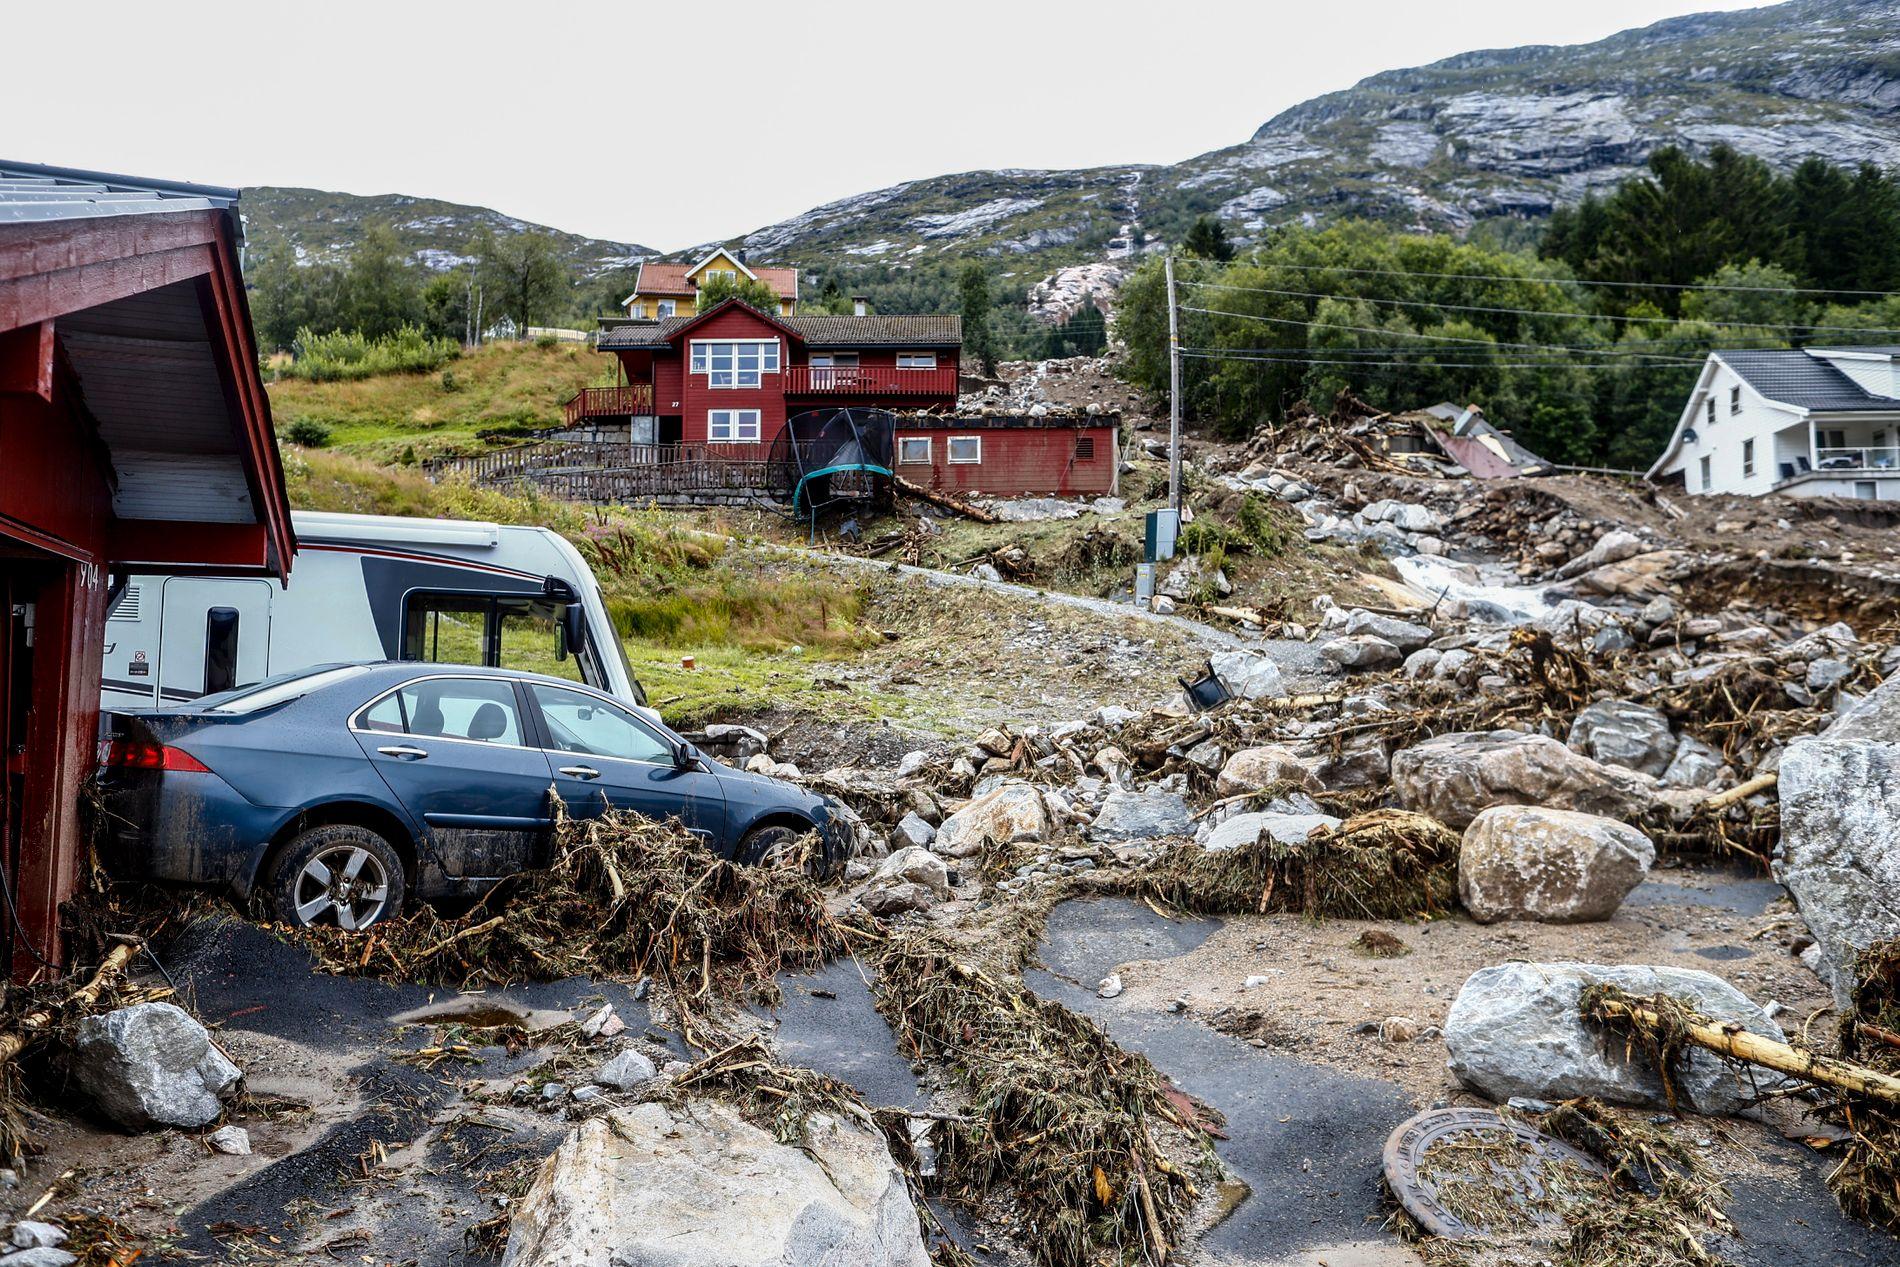 MER EKSTREMVÆR: Flere jordras som en følge av mer ekstremvær i Norge, er ifølge CICERO en av konsekvensene av den globale oppvarmingen. Her fra jordraset i Jølster, Sogn og Fjordane.